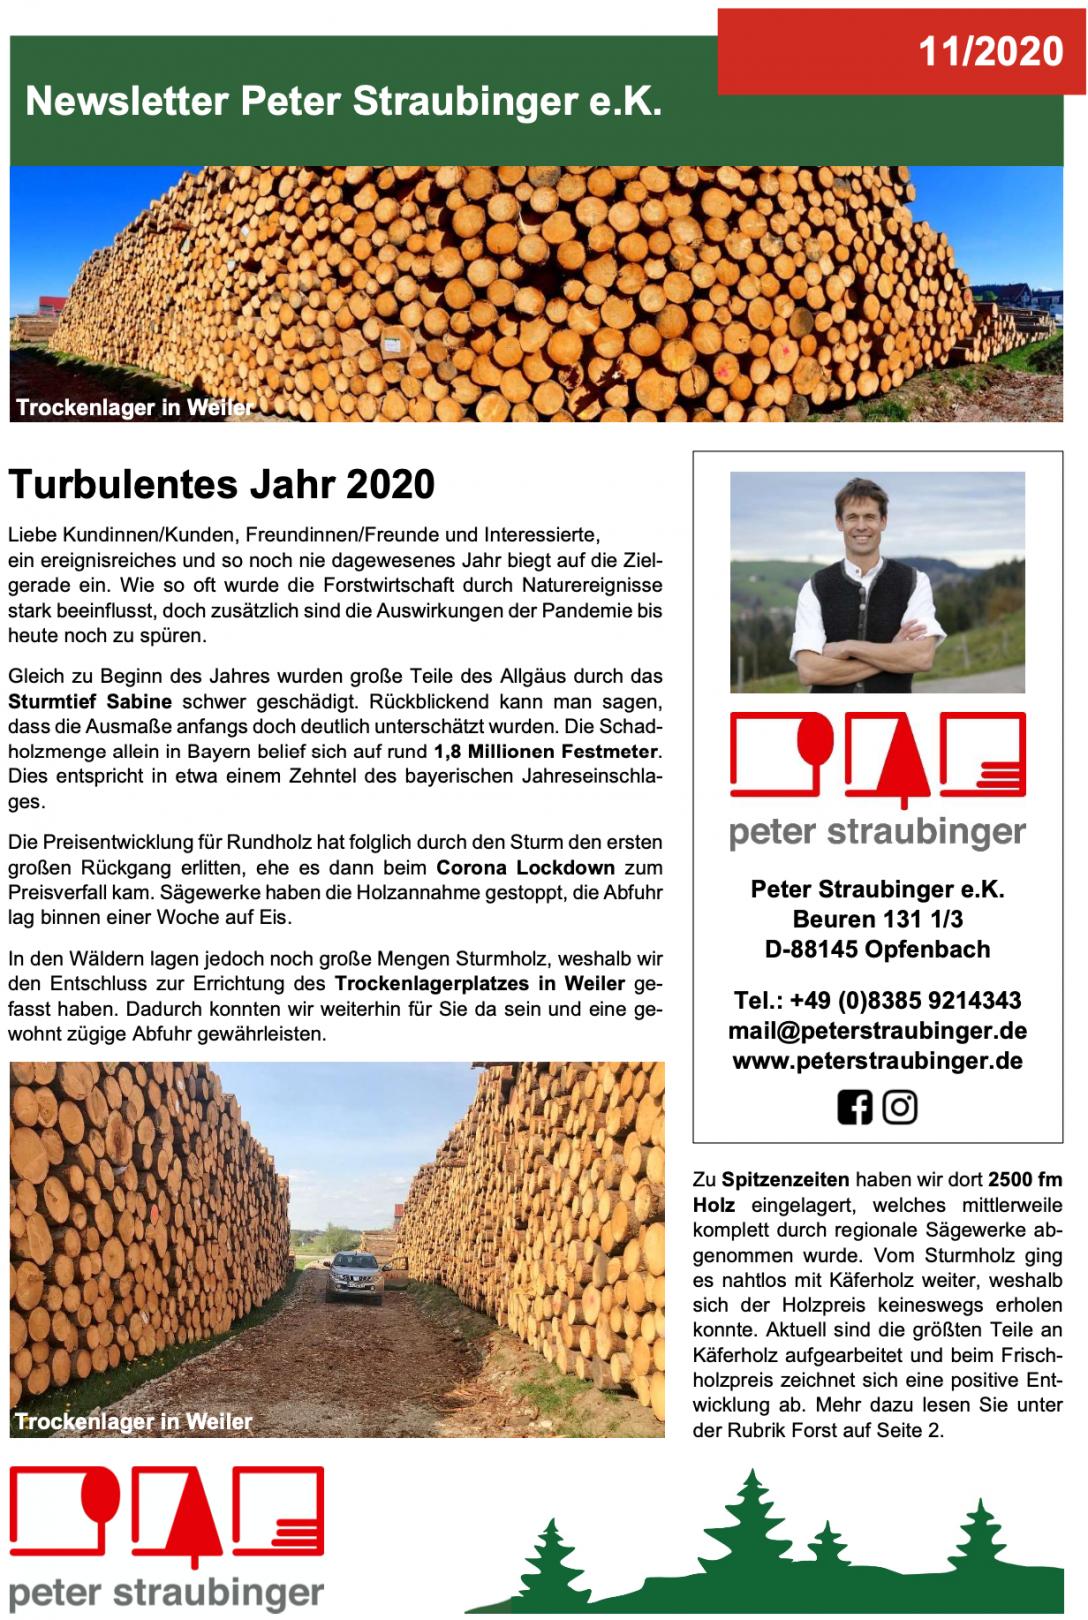 Newsletter_Straubinger_11_2020_Cover